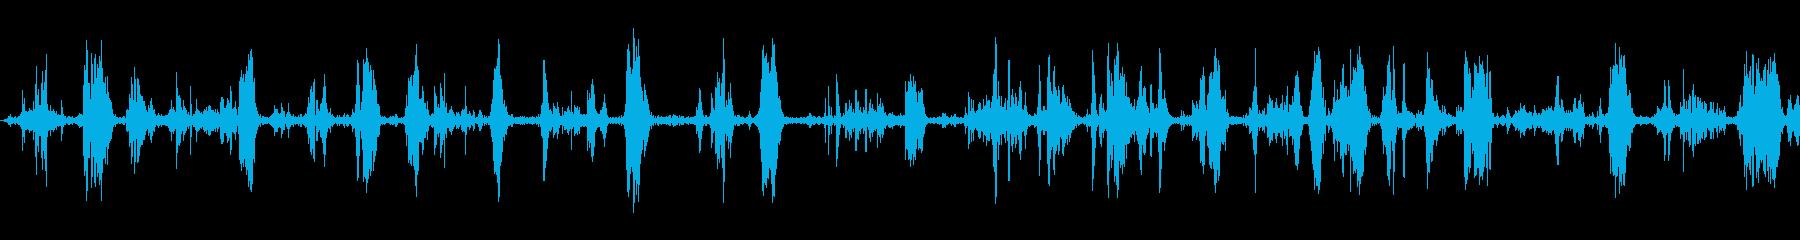 犬の食事;ヴィンテージ録音;犬の再生済みの波形